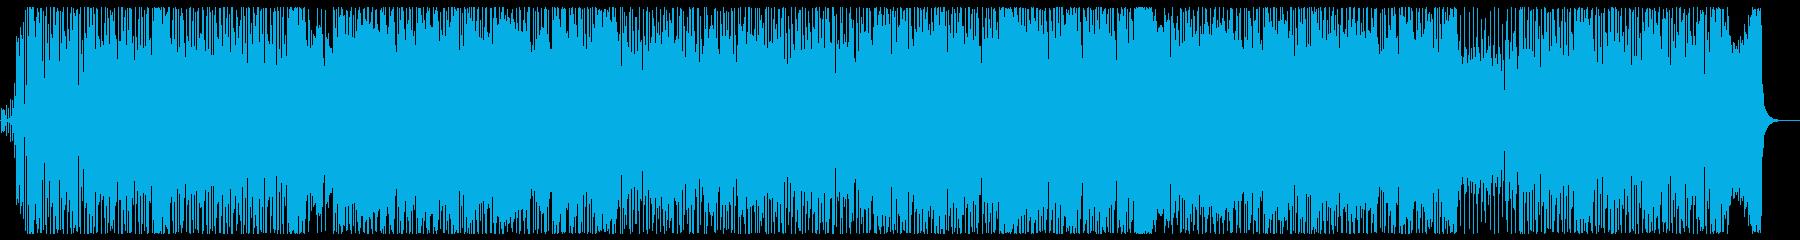 爽やかでパワフルなメロディーの再生済みの波形